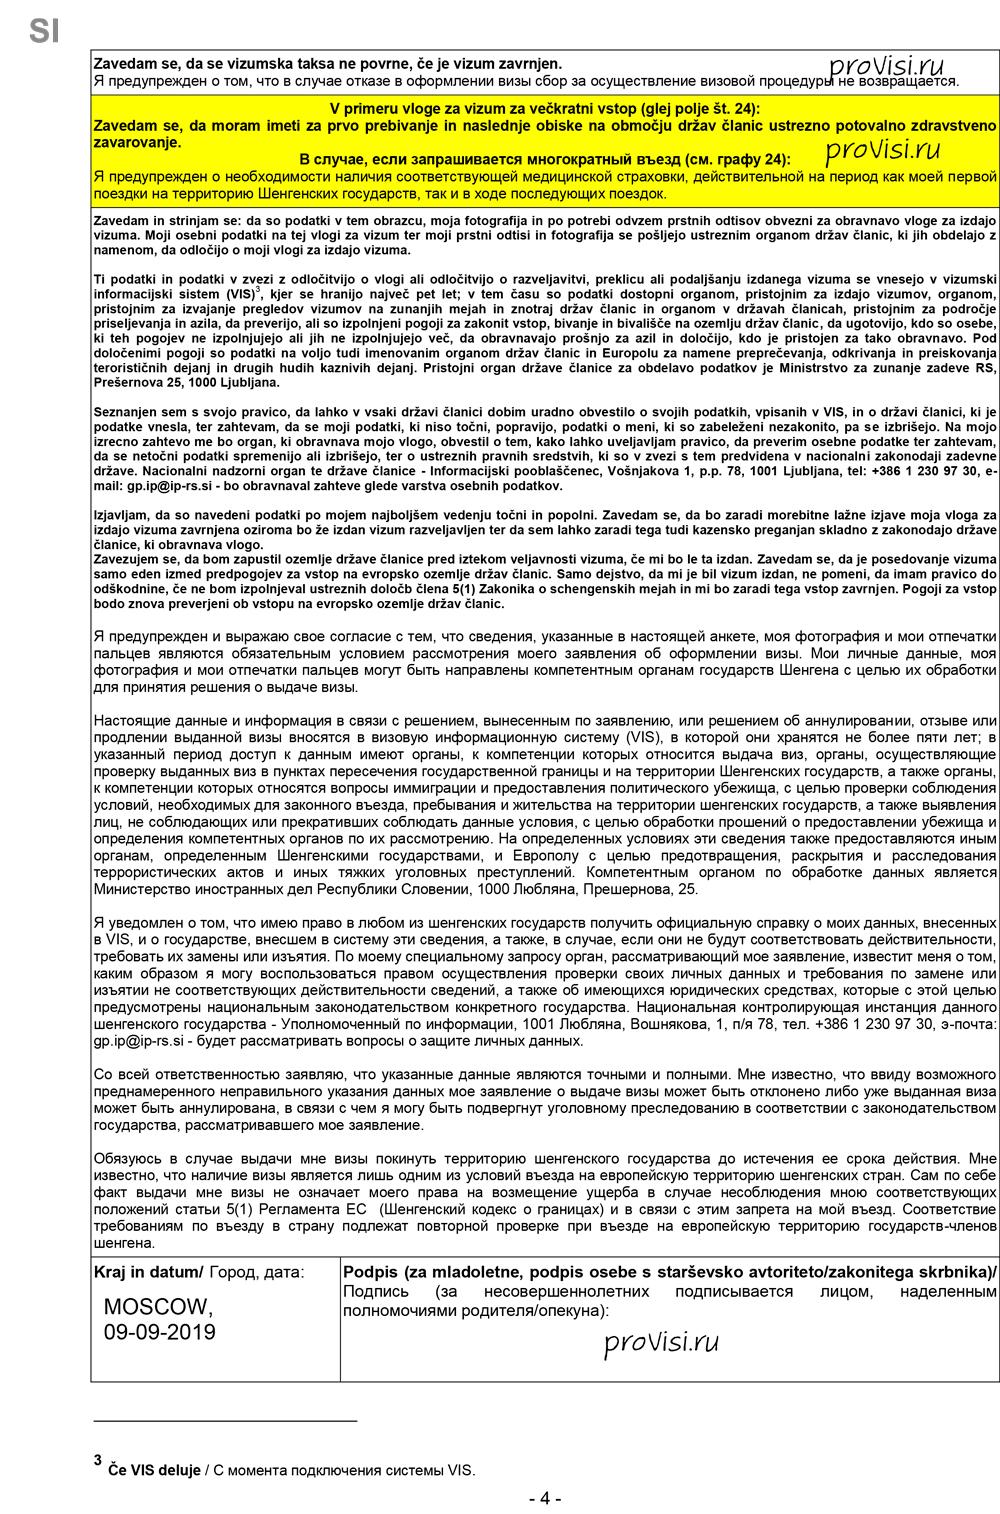 Образец заполненной анкеты на визу в Словению, стр. 4